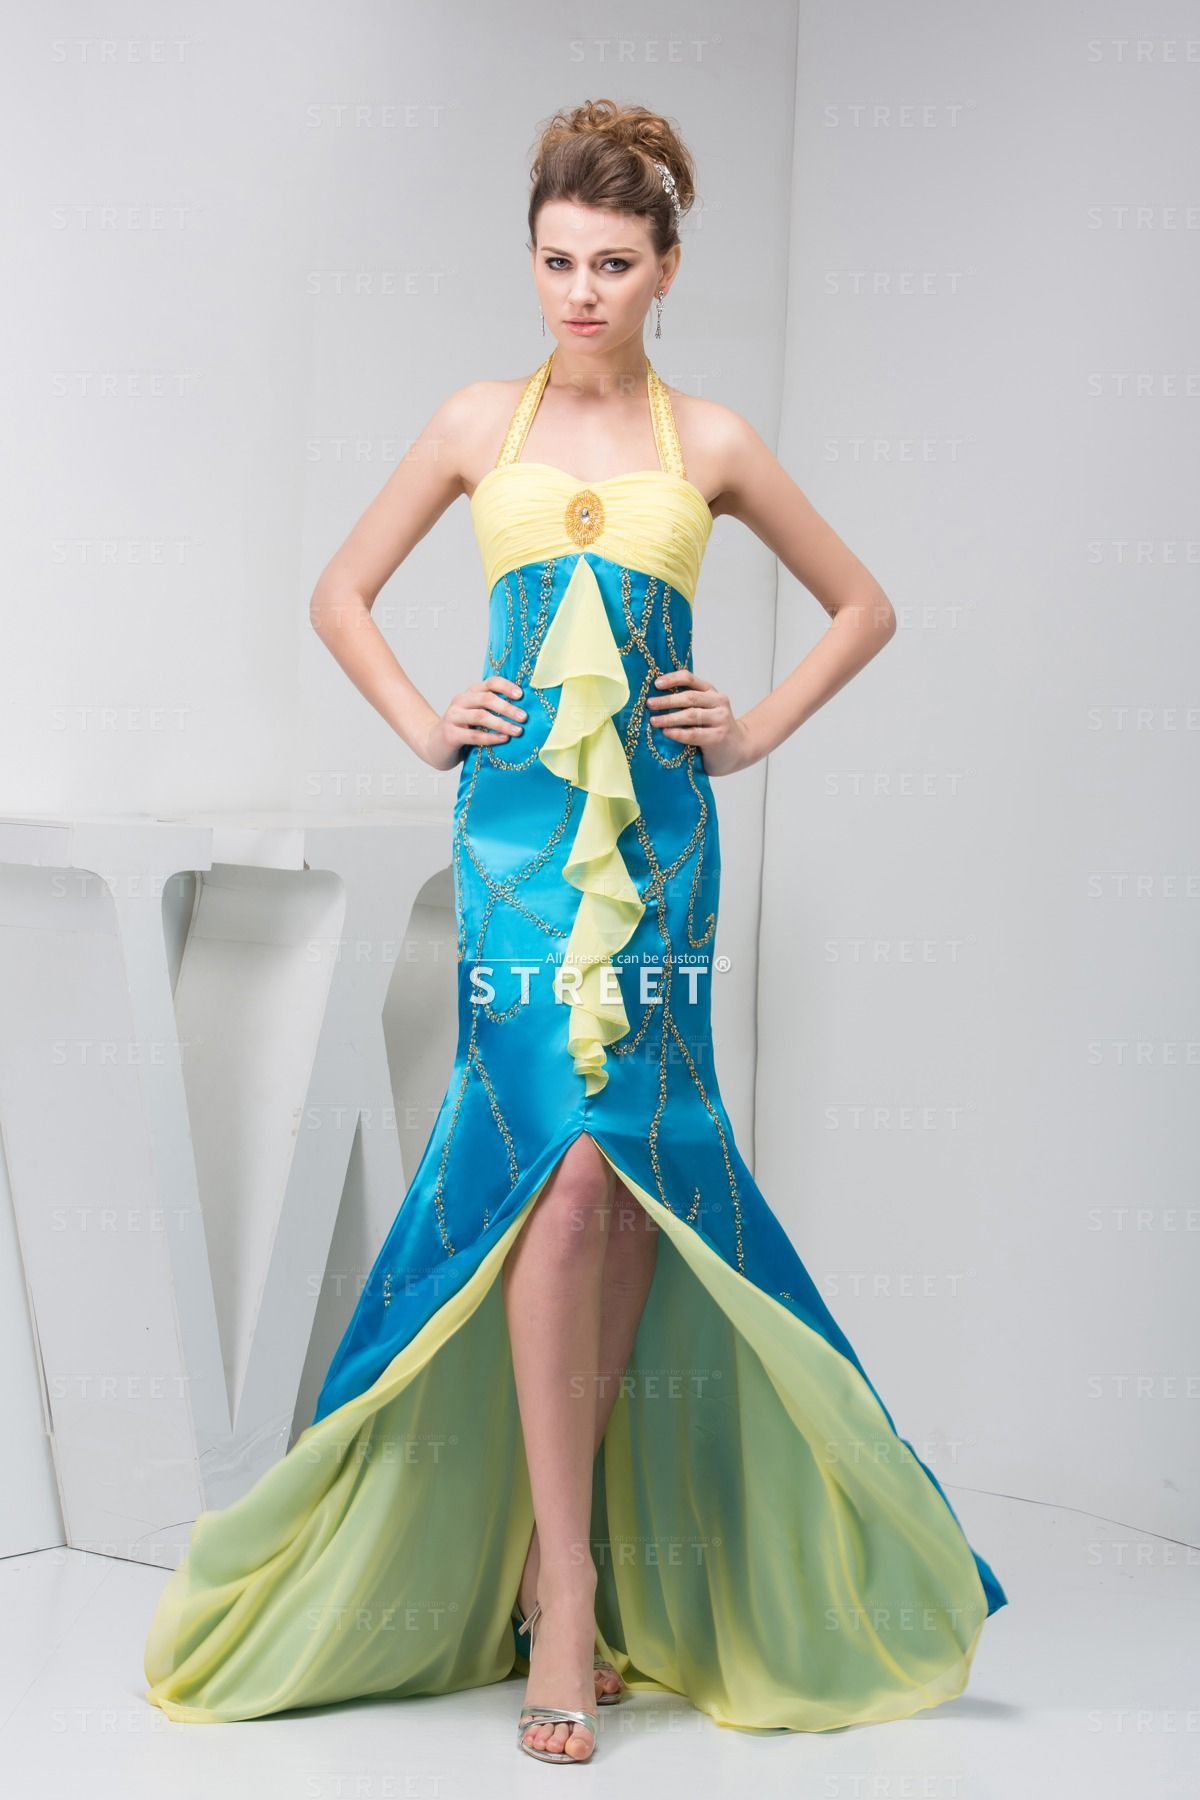 Stunning Worst Prom Dresses 2014 Ideas - Wedding Ideas - memiocall.com